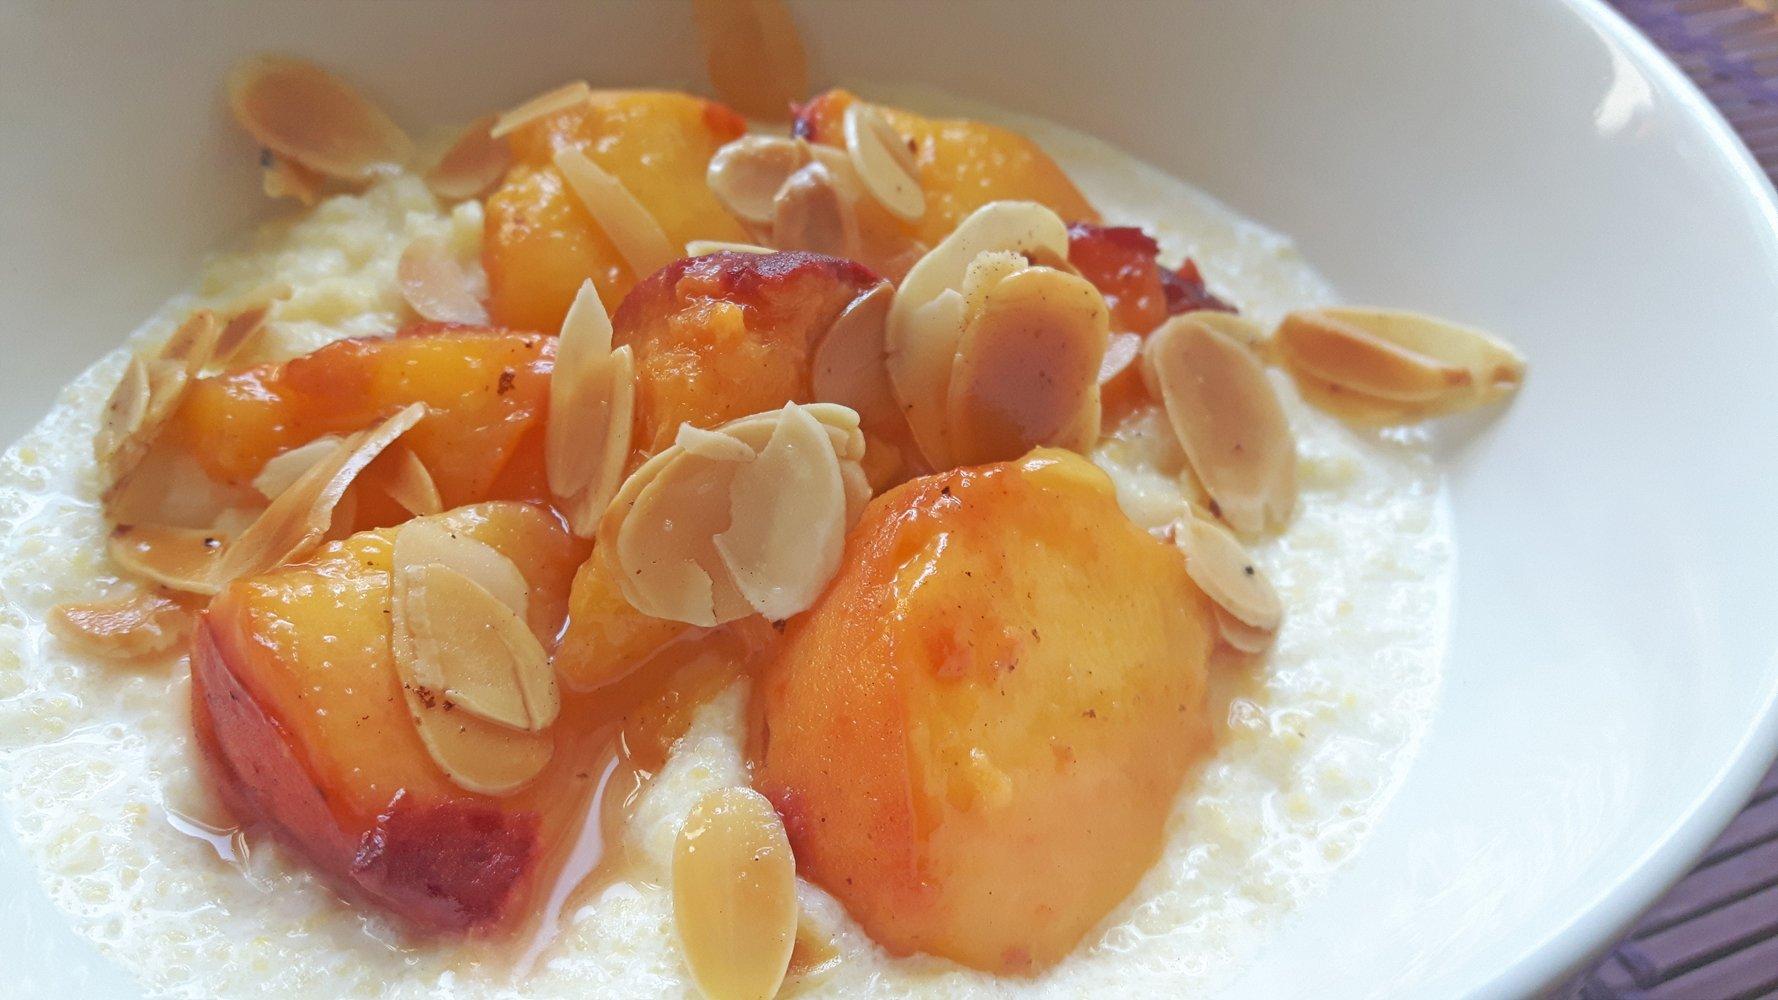 Polenta dulce con melocotón y almendras